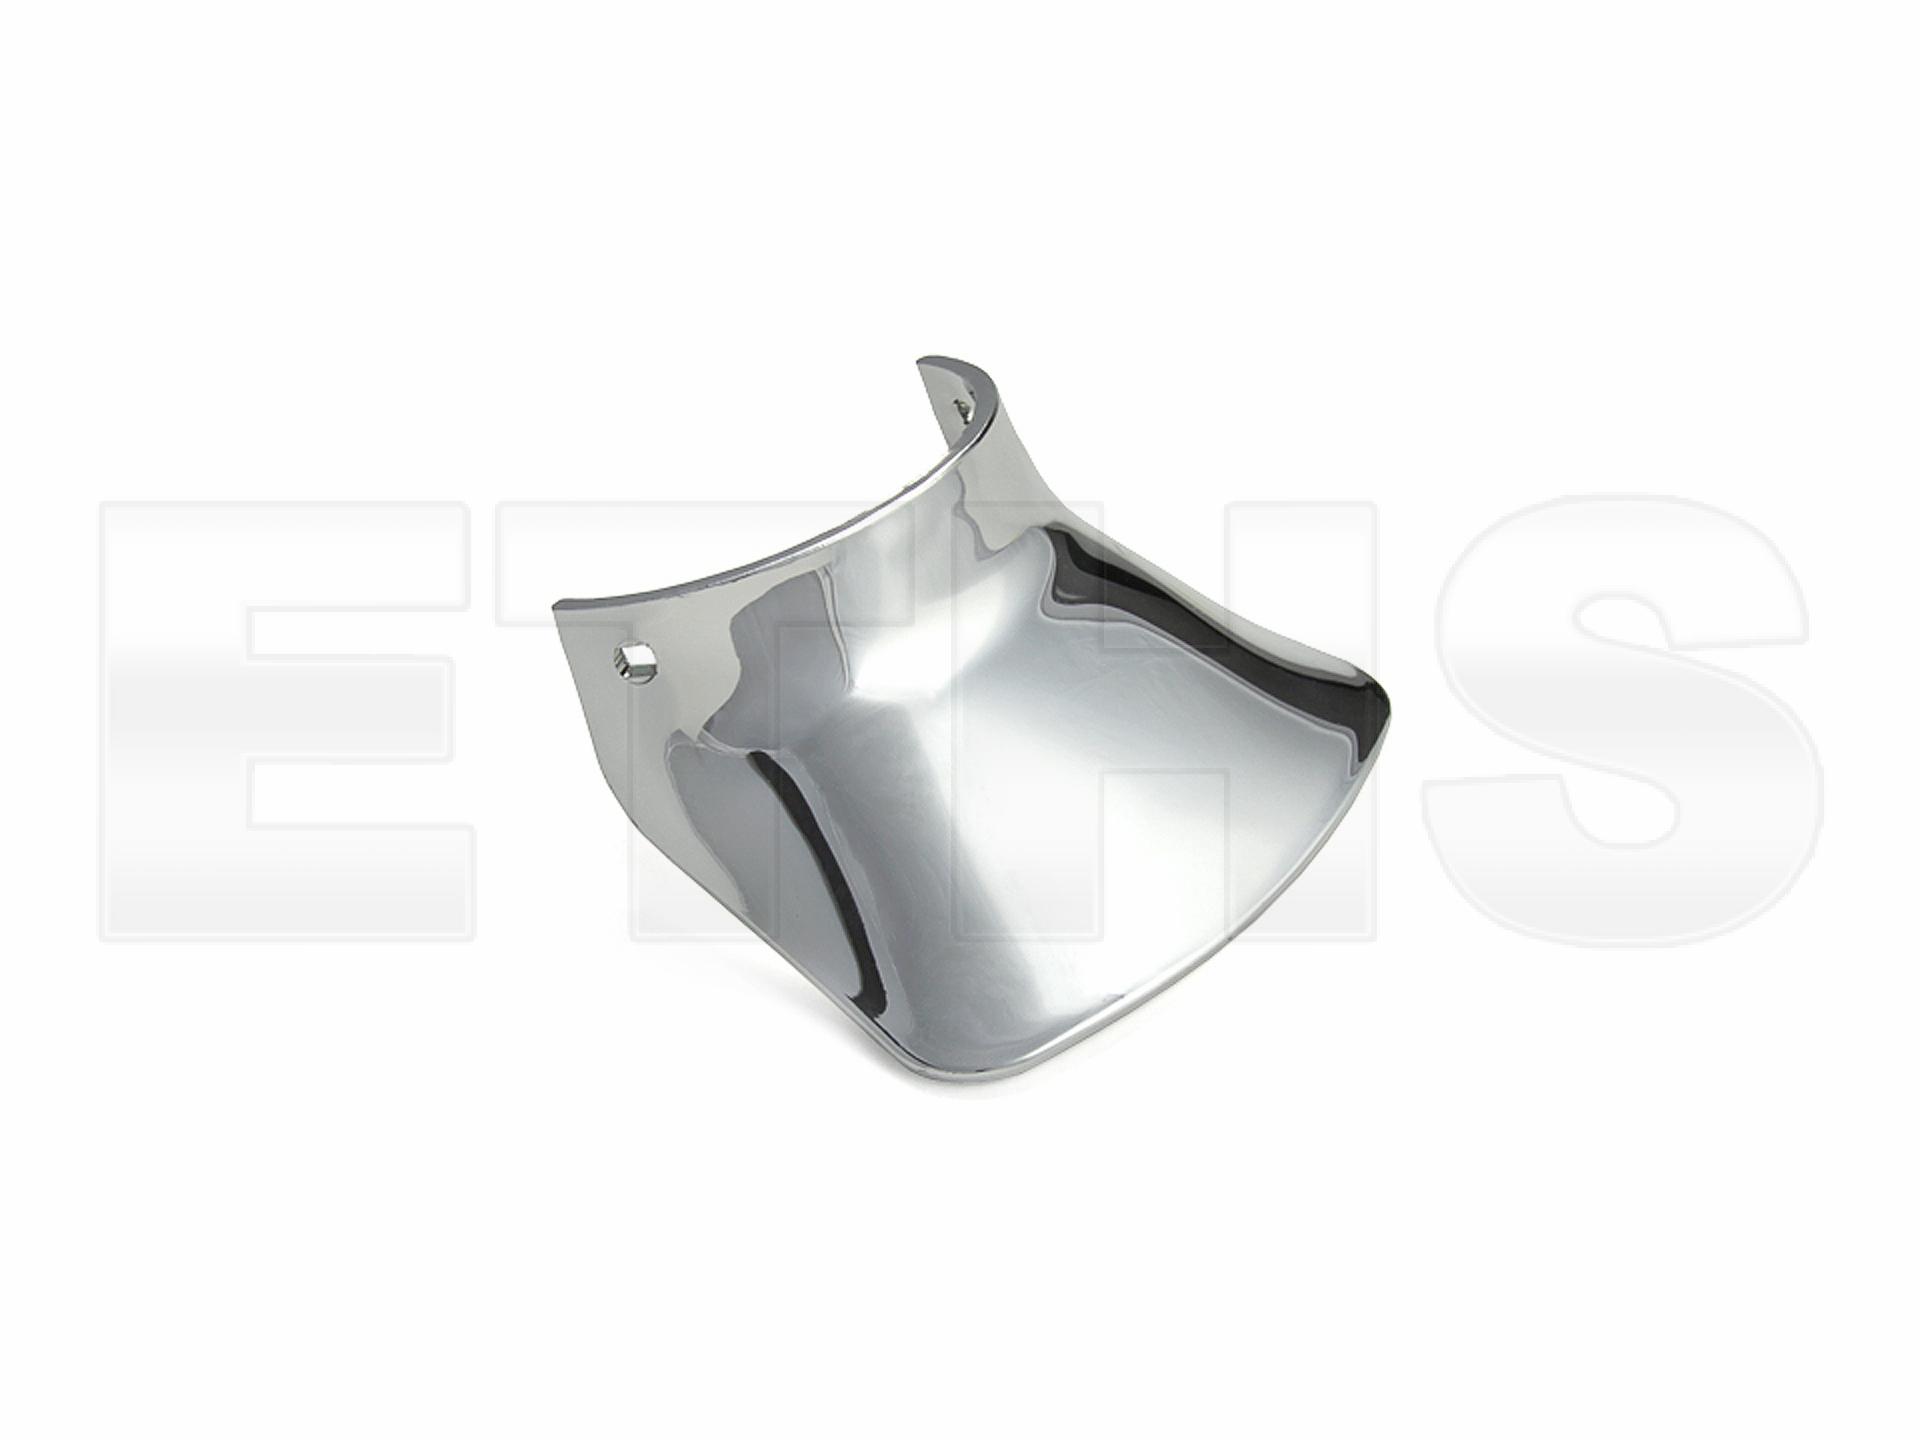 Schmutzschutz S51 S70 Spritzschutz am Schutzblech - Simson S50 Plaste